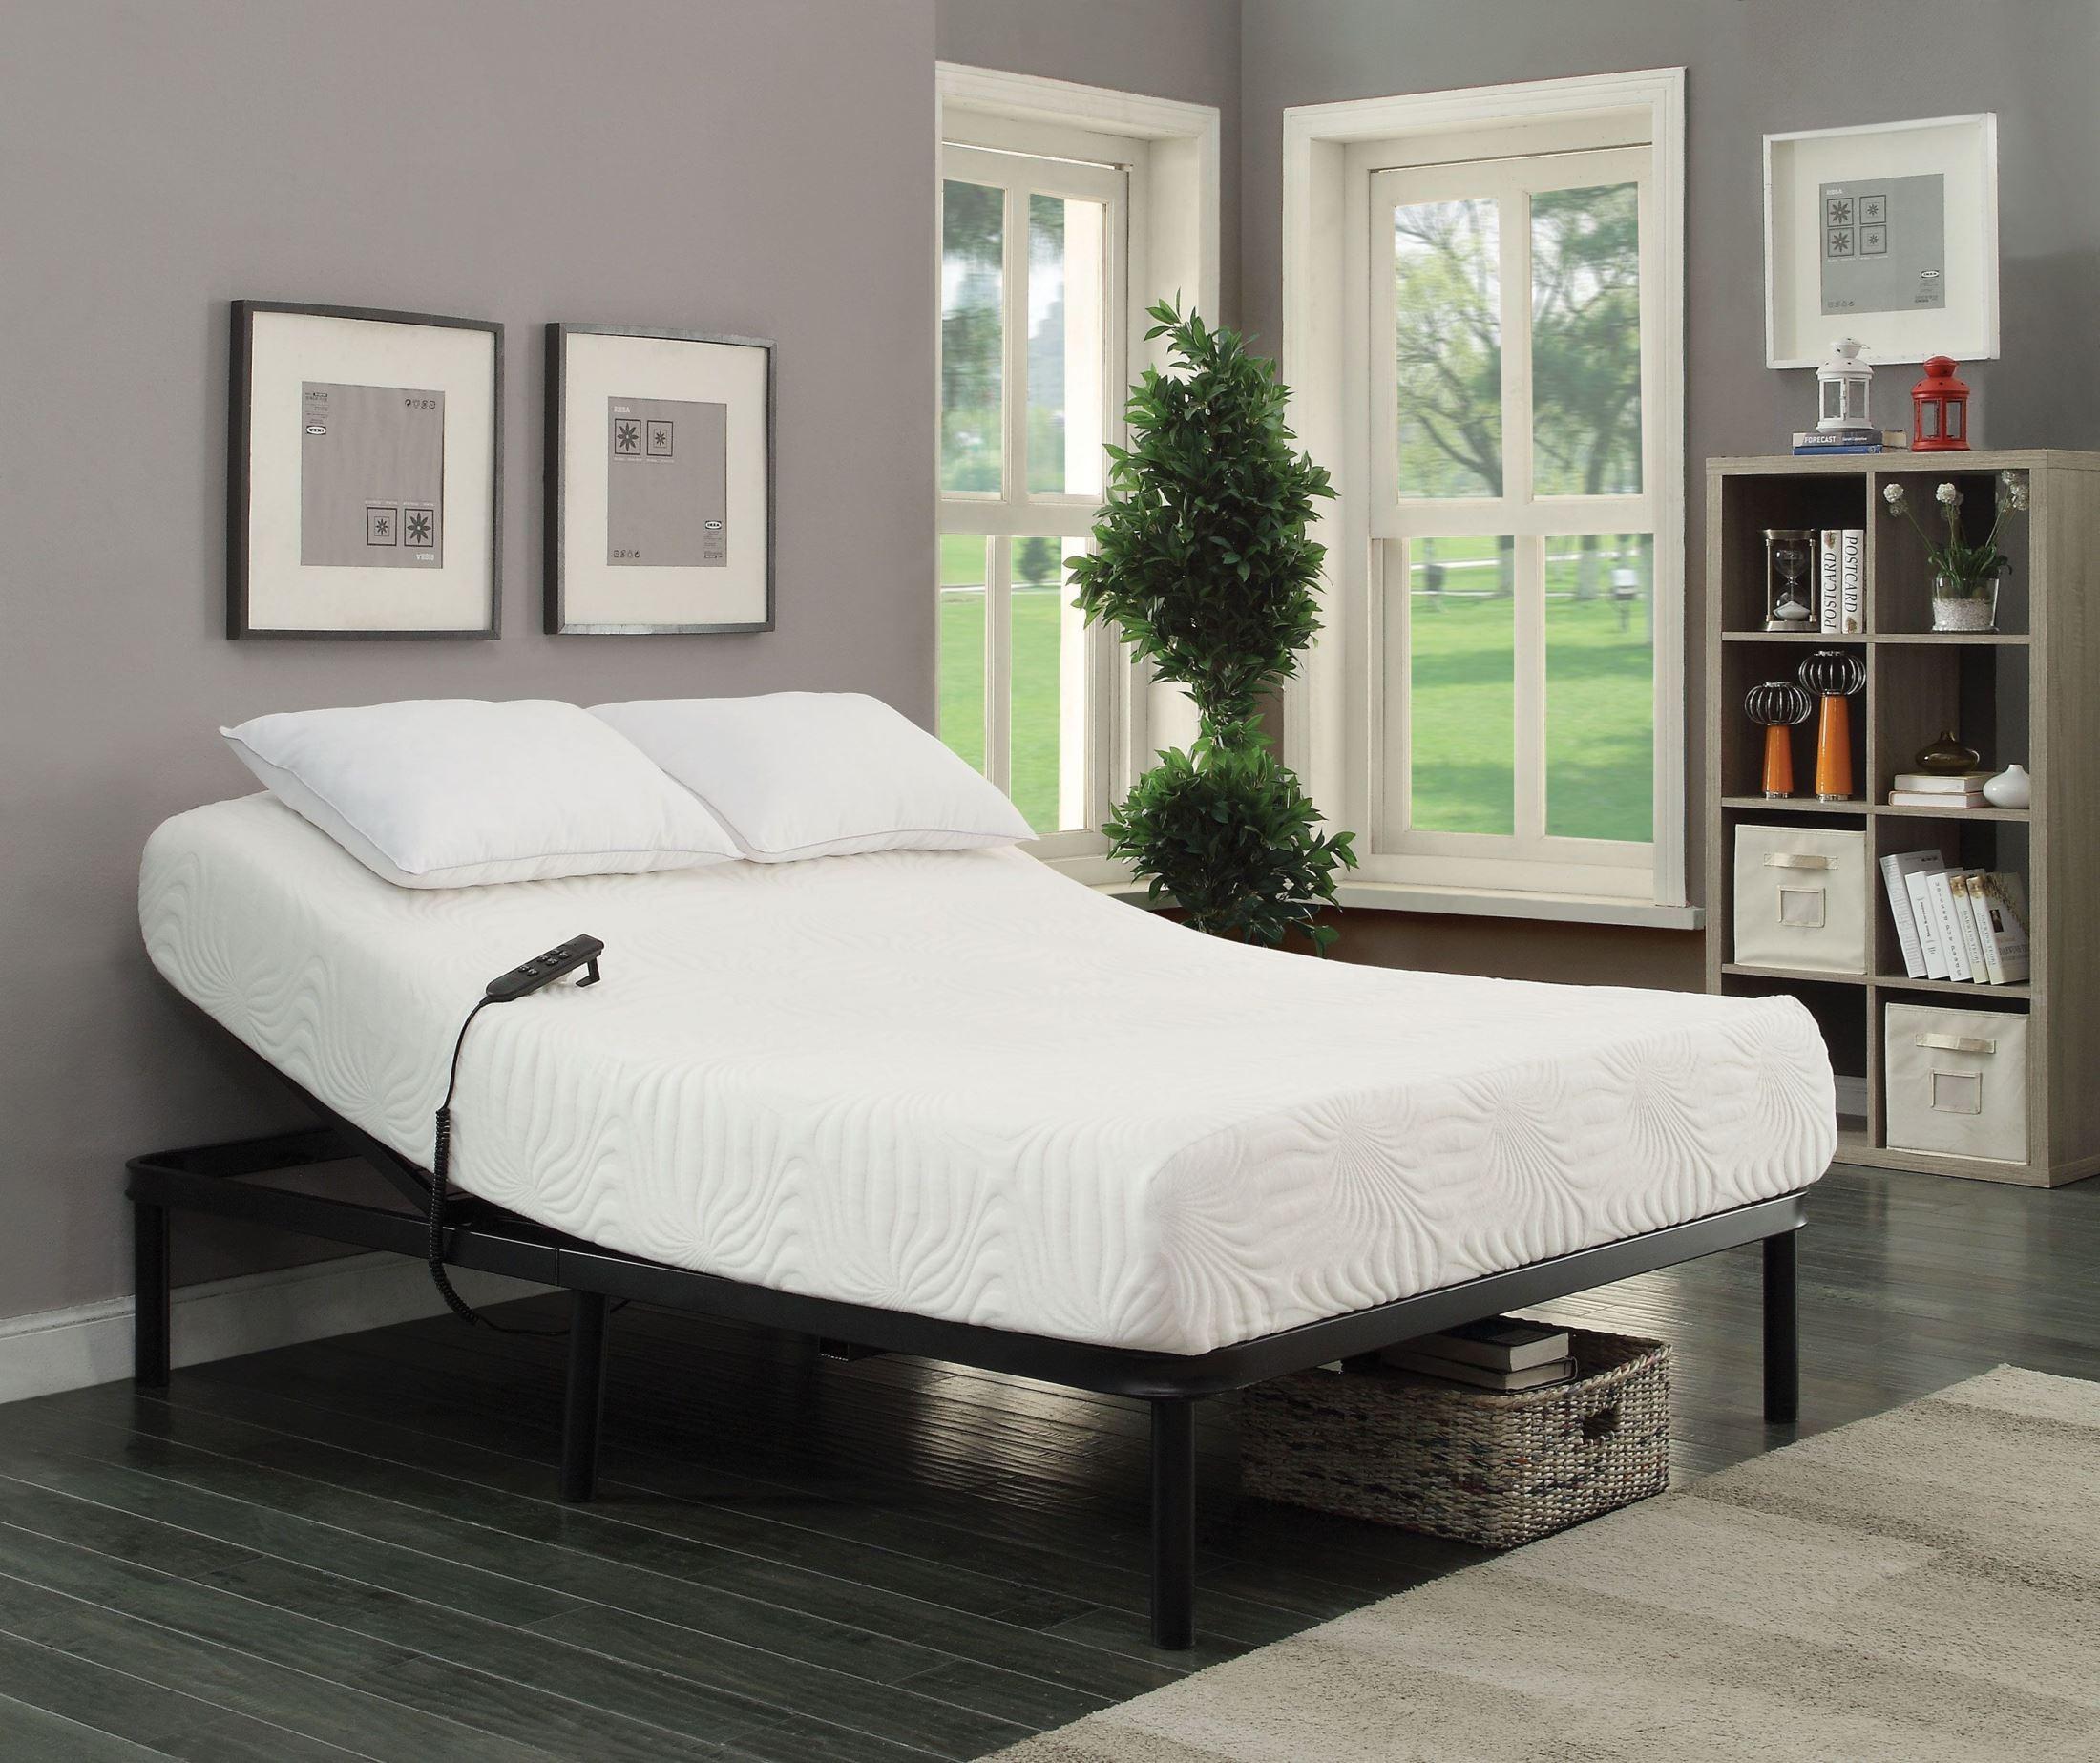 Stanhope Black Adjustable Bed Base from Coaster | Coleman ...